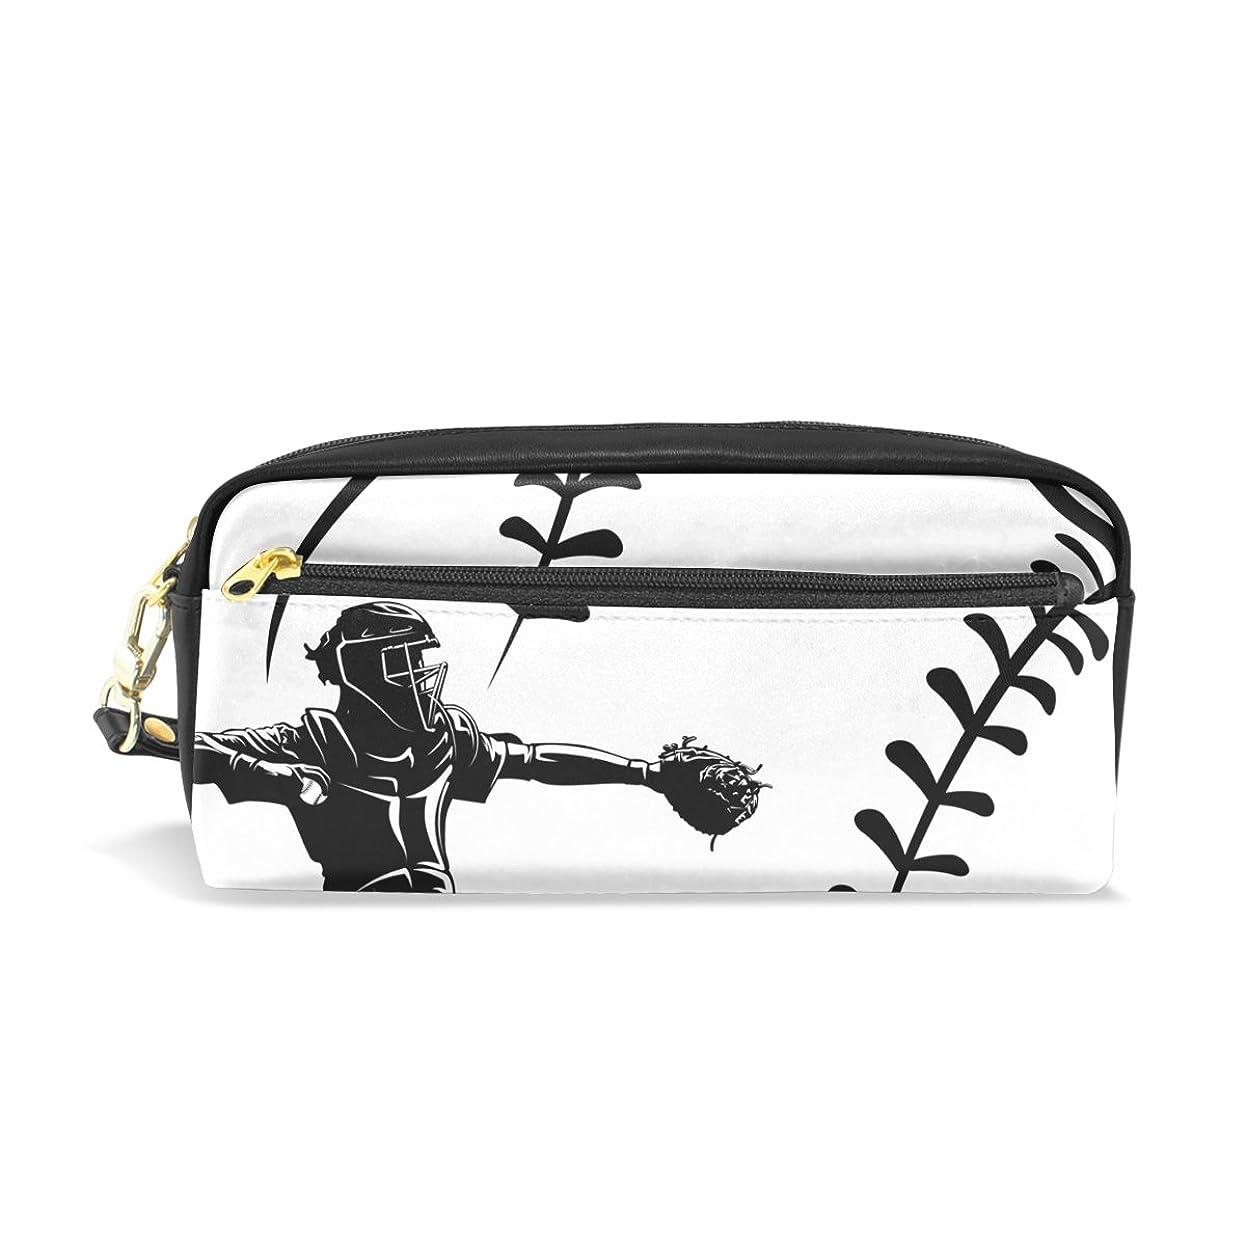 航空襲撃有用AOMOKI ペンケース 化粧ポーチ 小物入り 多機能 レディース 野球